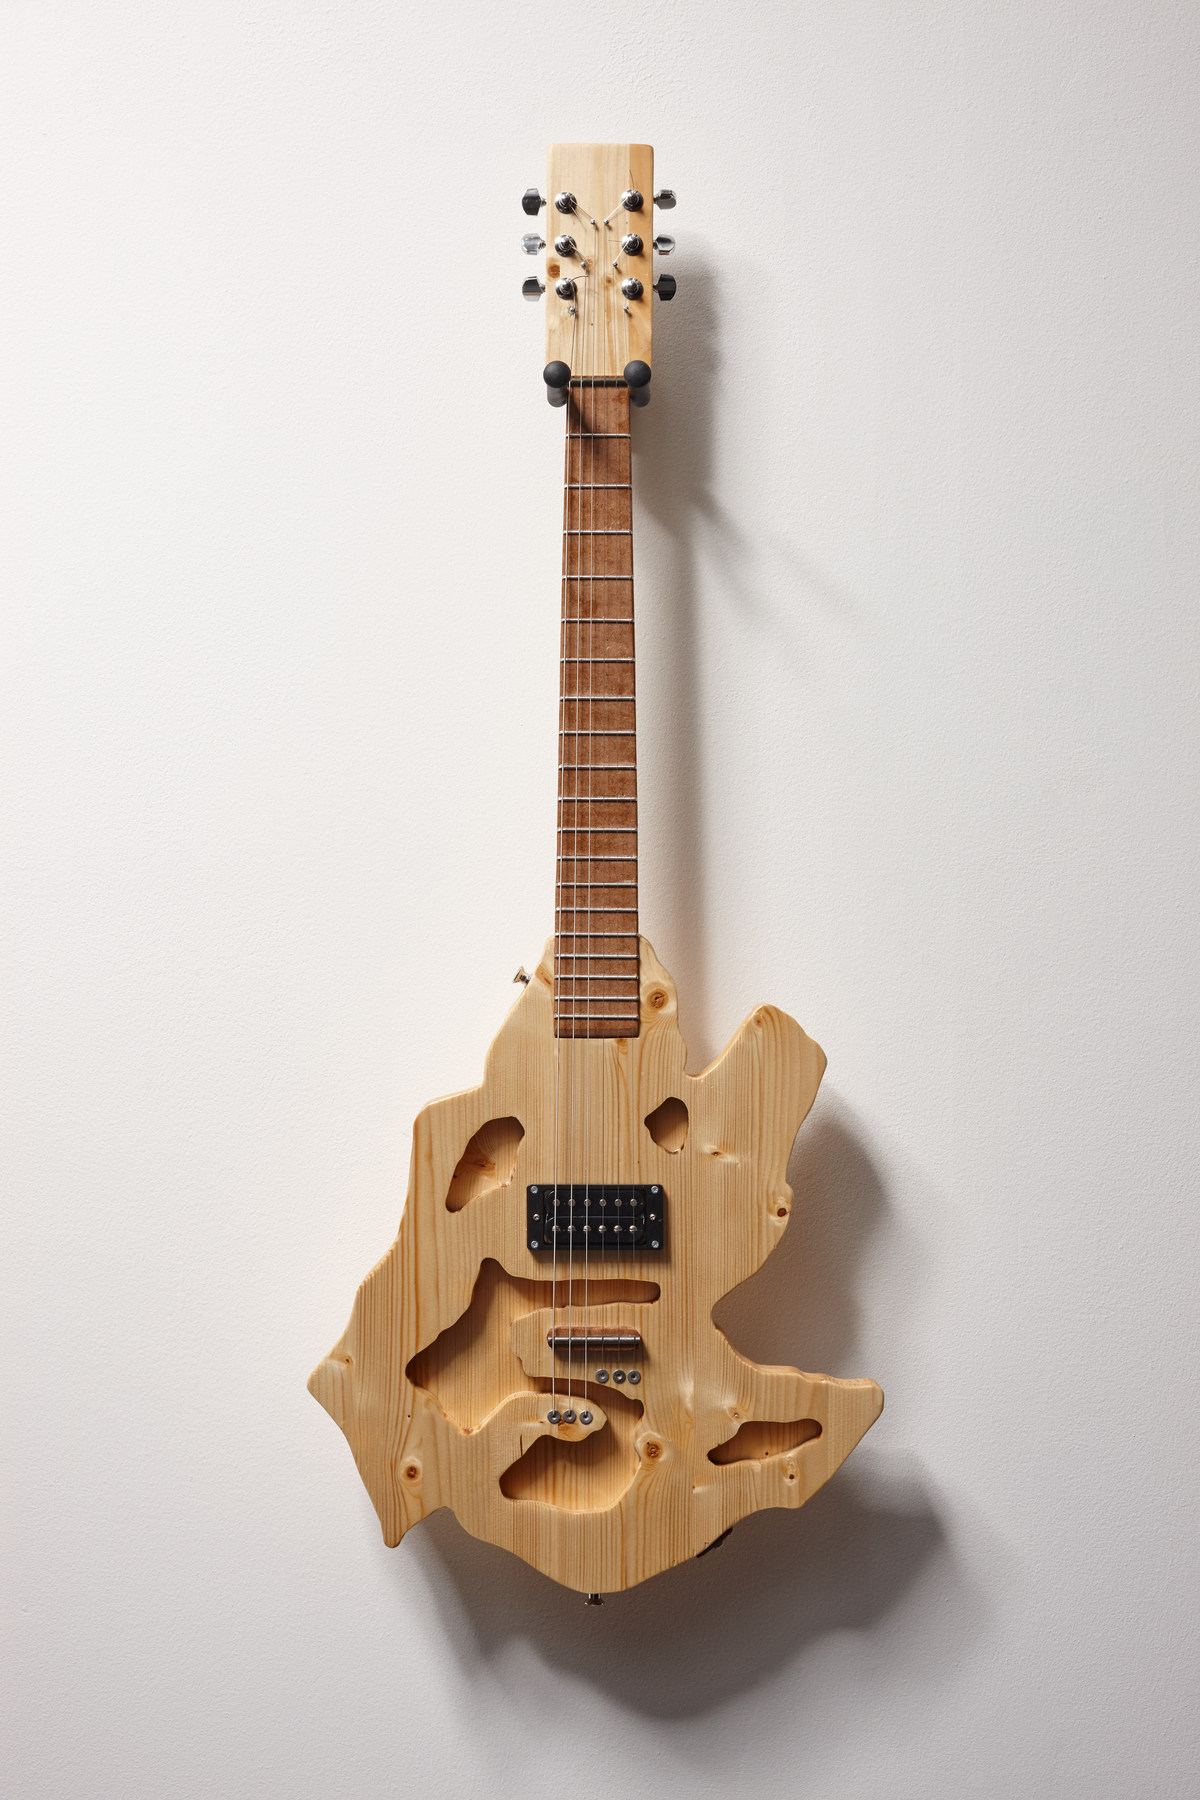 Flavio Merlo - Guitar V, 2015